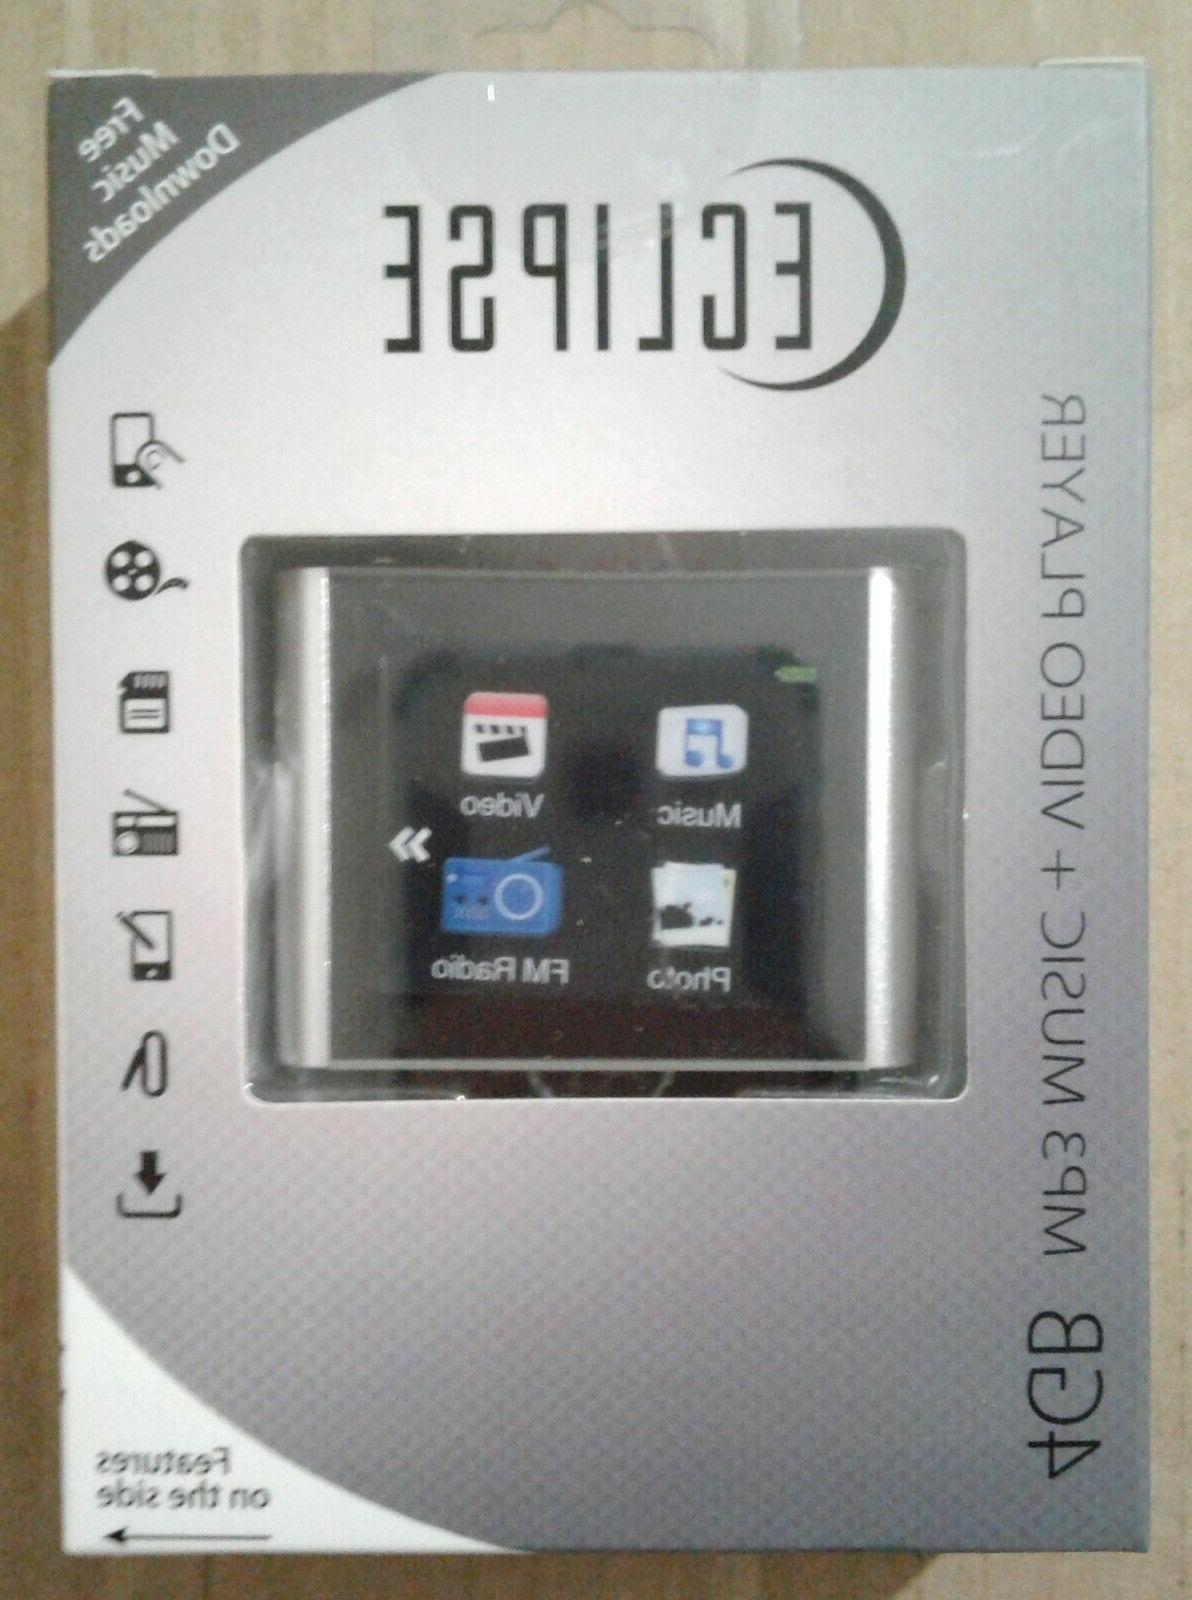 t180 1 8 4gb mp3 clip style